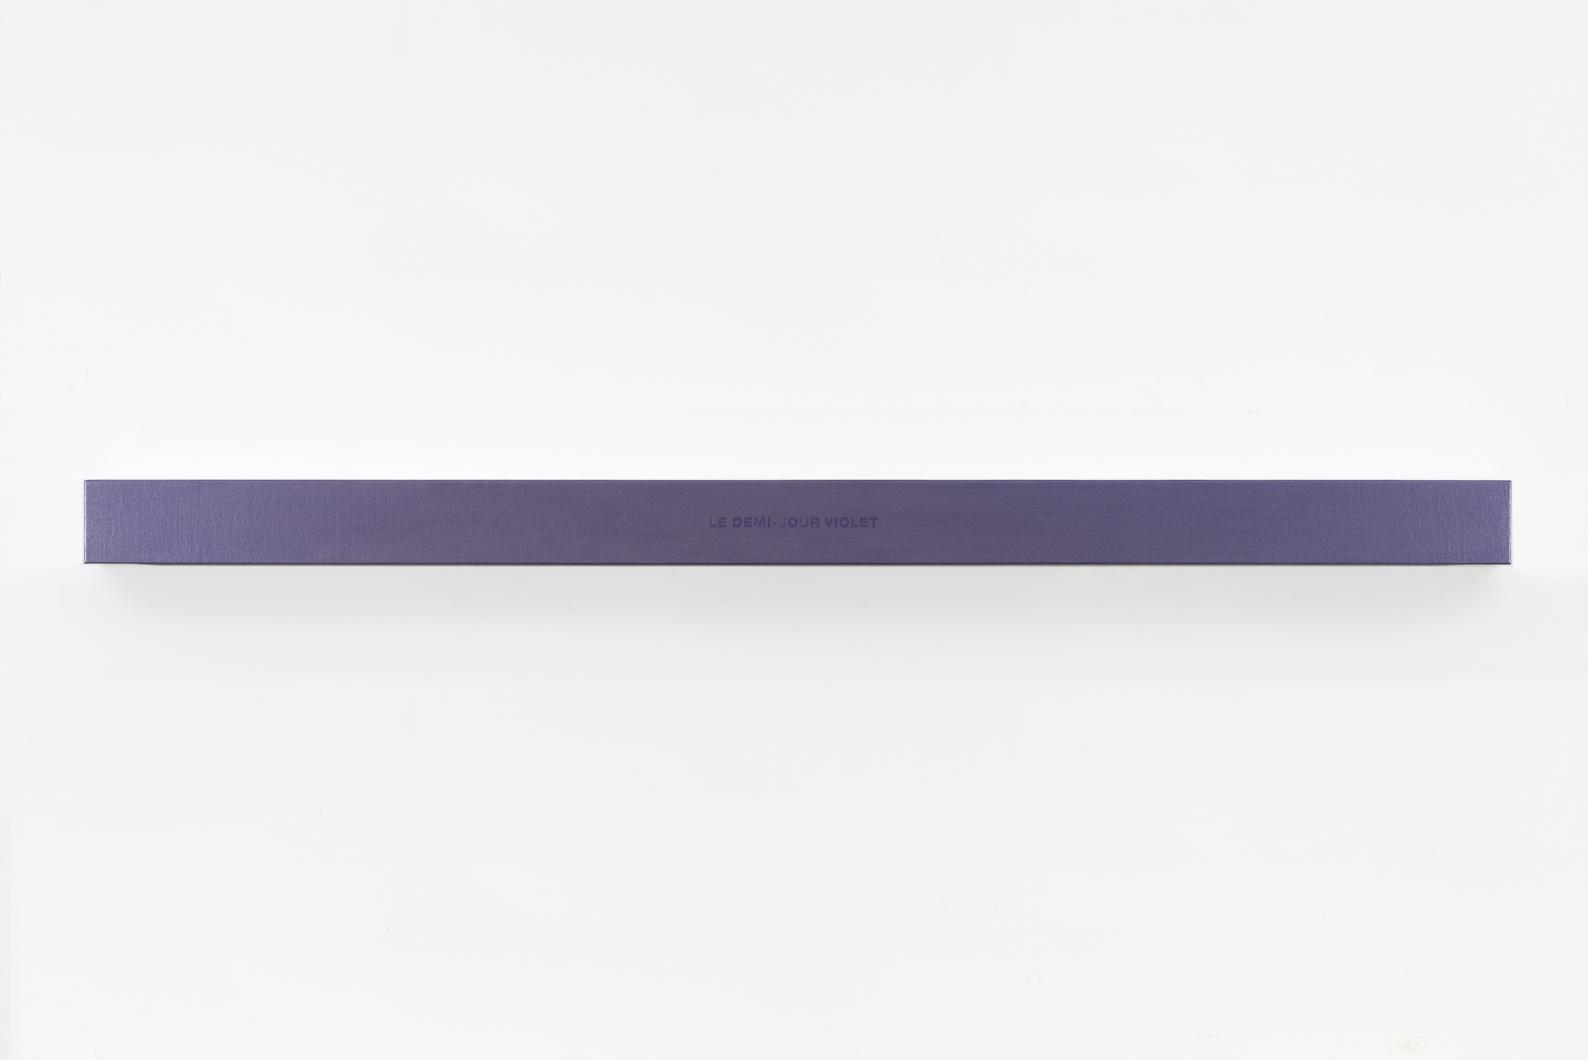 Francine Savard, Lumière du demi‑jour, 2018, Médiums mixtes sur toile marouflée sur caisson de bois, 10,16 × 177,8 × 10,16 cm / 4 x 70 x 4 pouces